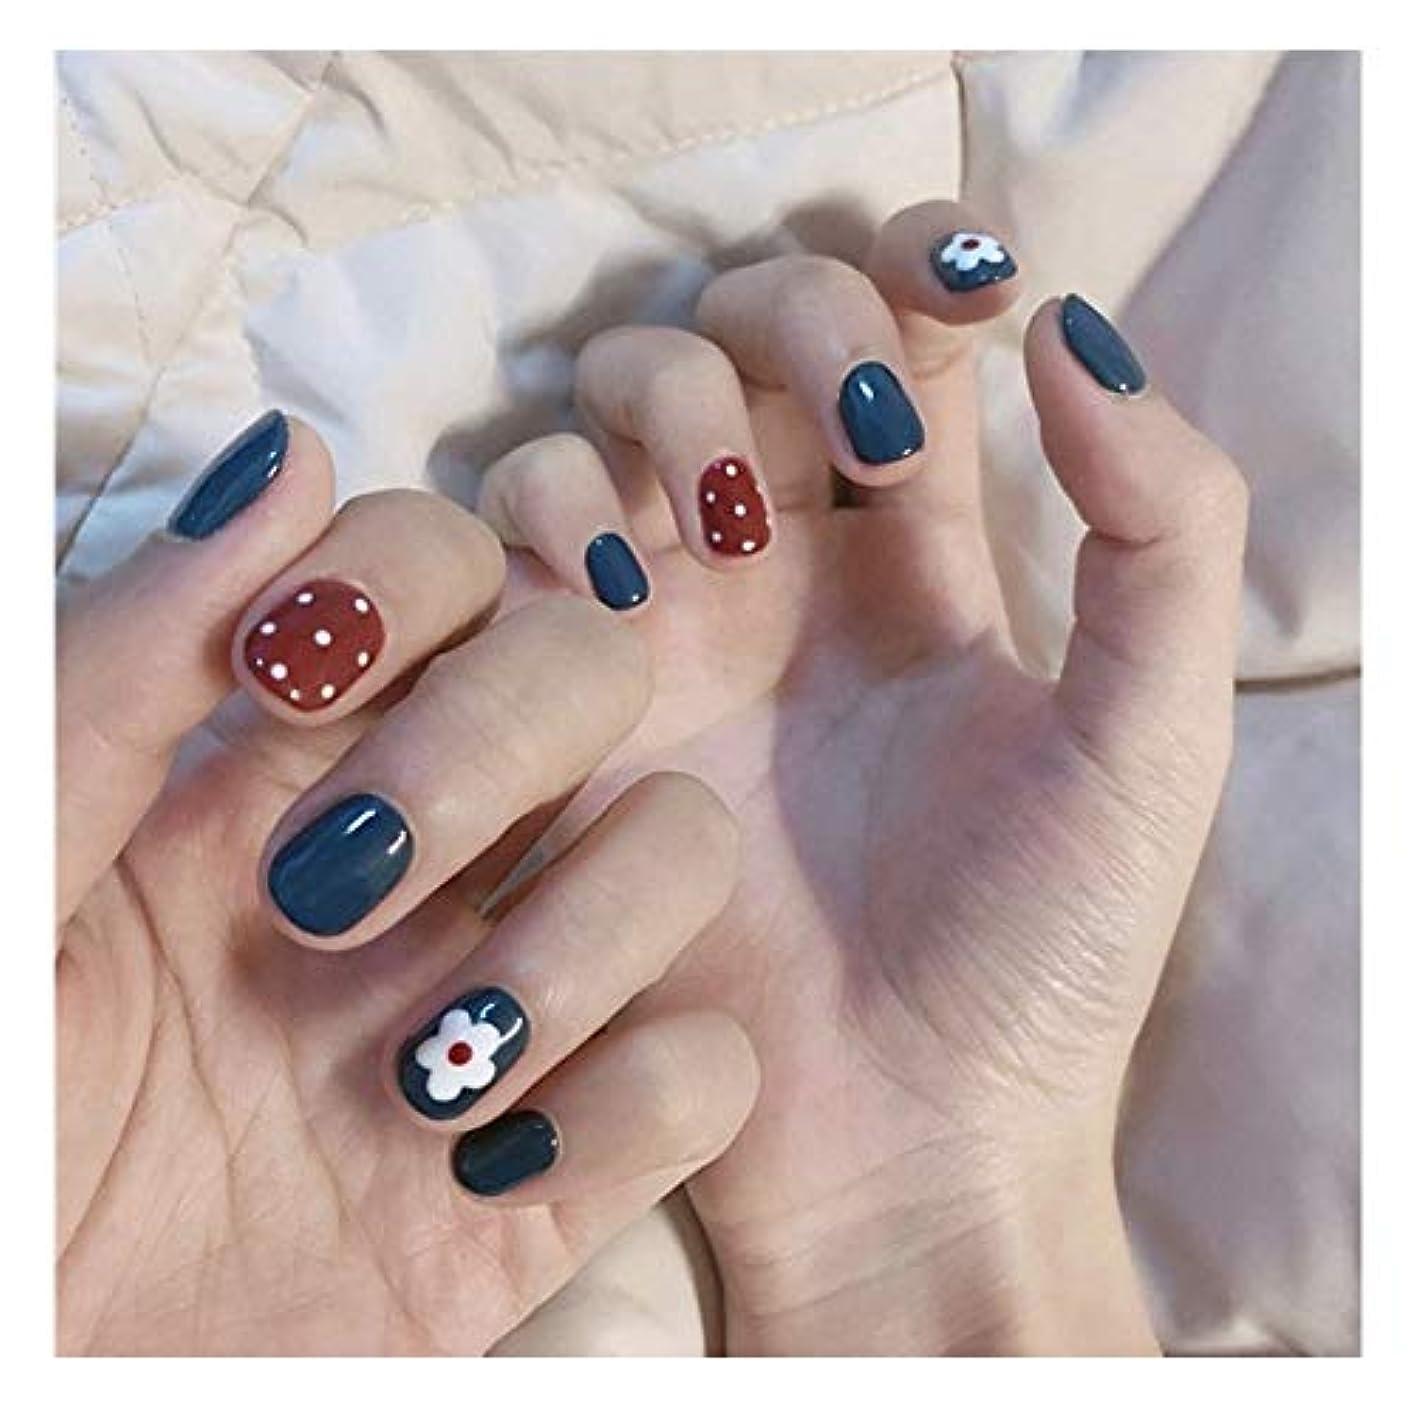 クレア魅了するのLVUITTON 明るい顔青+赤小の花偽の釘ショートネイルズのり完成ネイル偽の釘 (色 : 24 pieces)